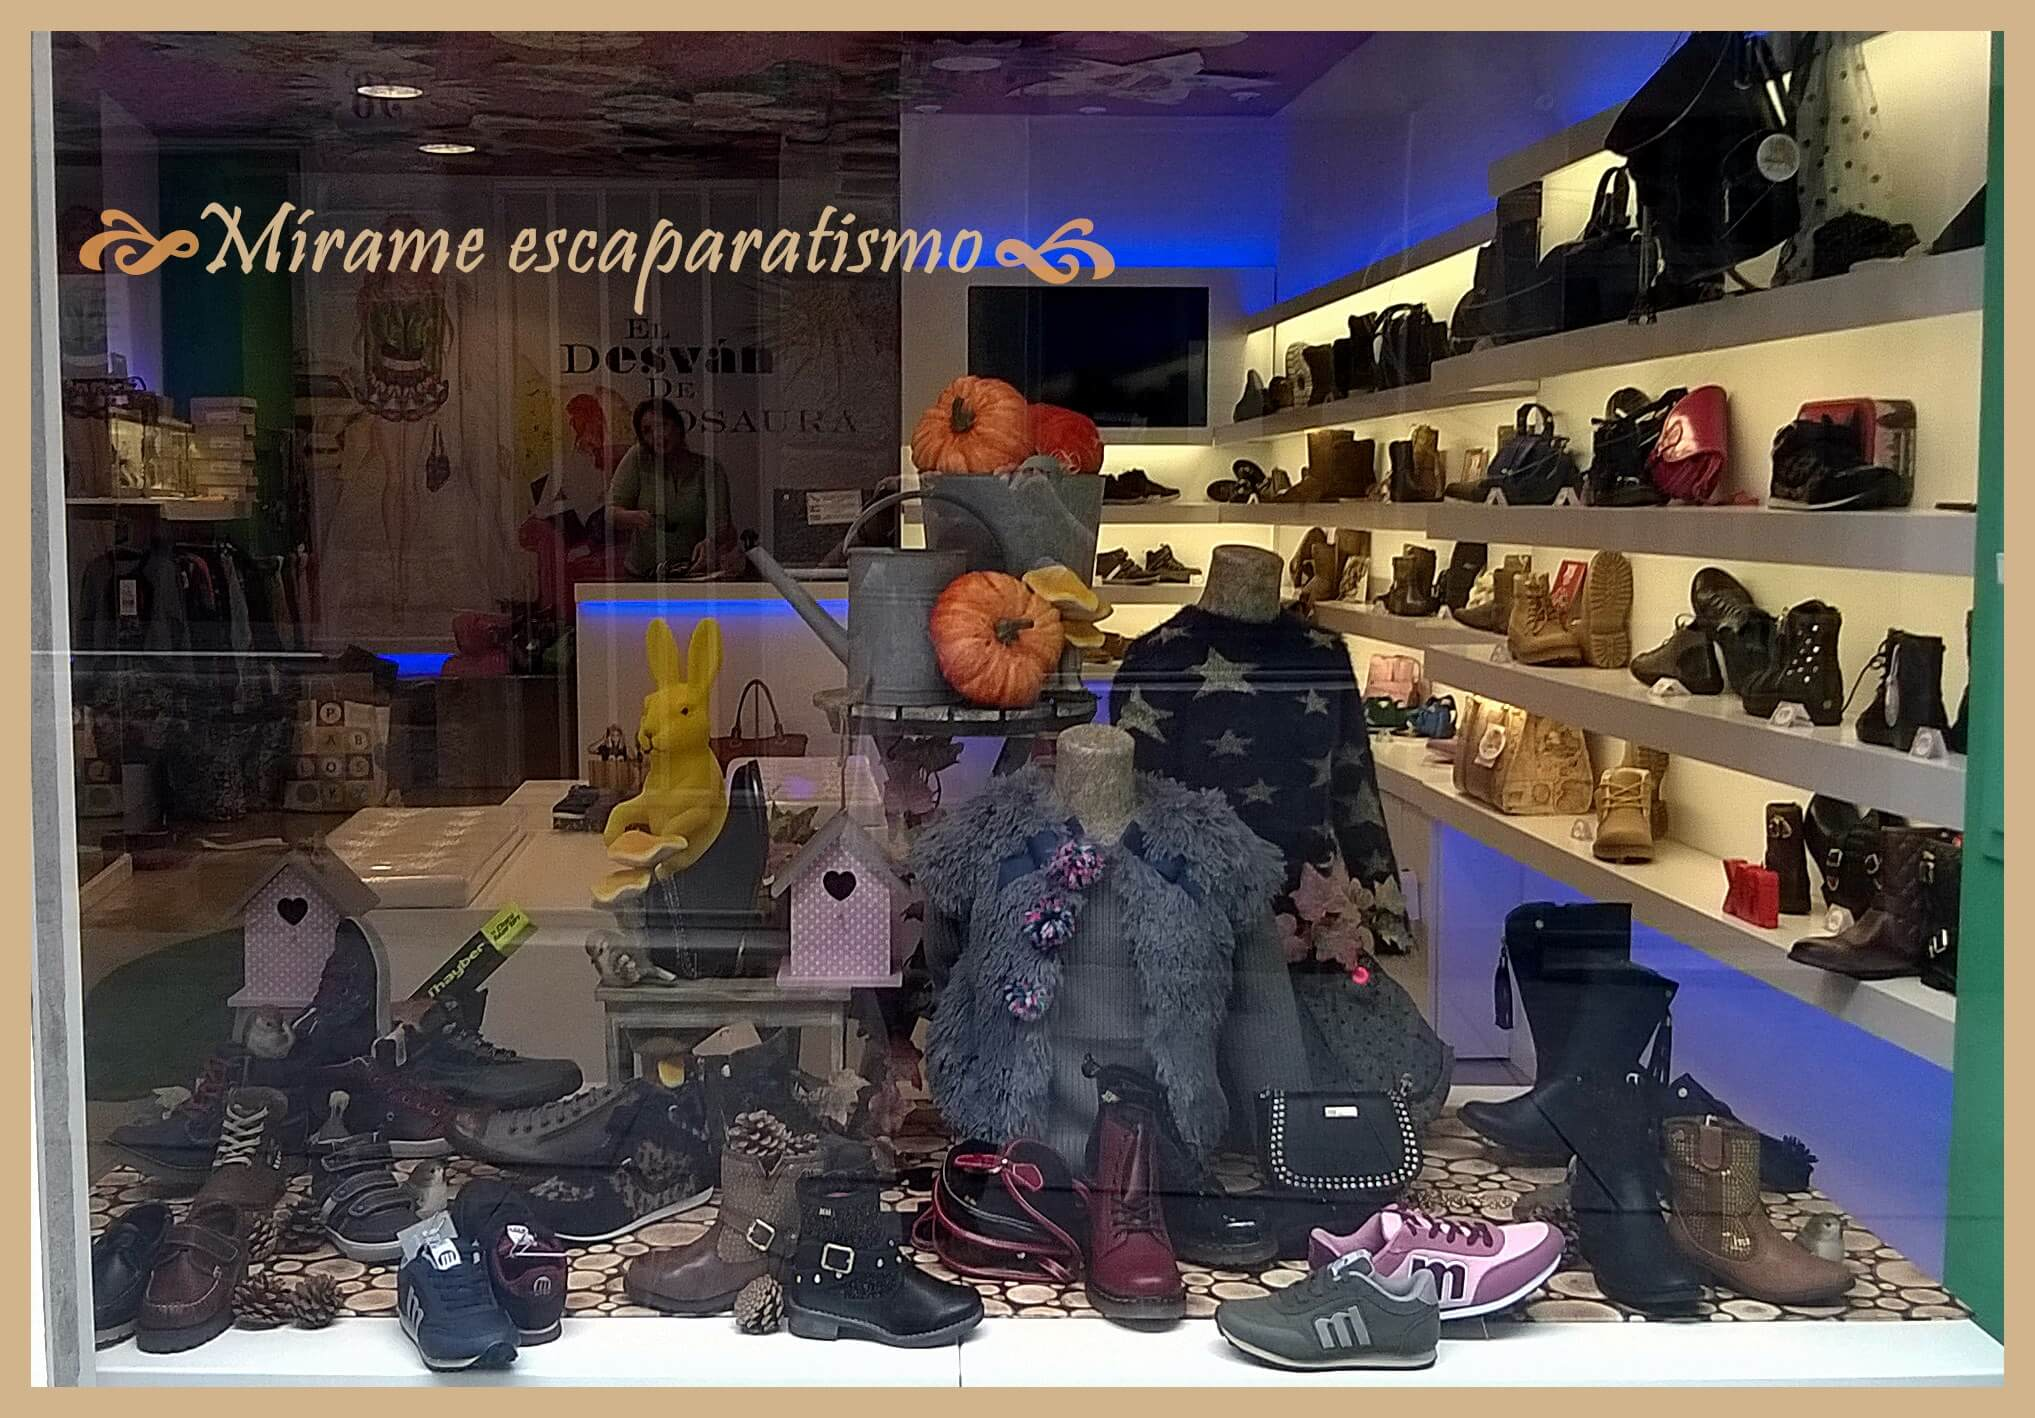 Decoracion Para Zapaterias Infantiles ~ Escaparate oto?o en zapateria infantil y juvenil por M?rame